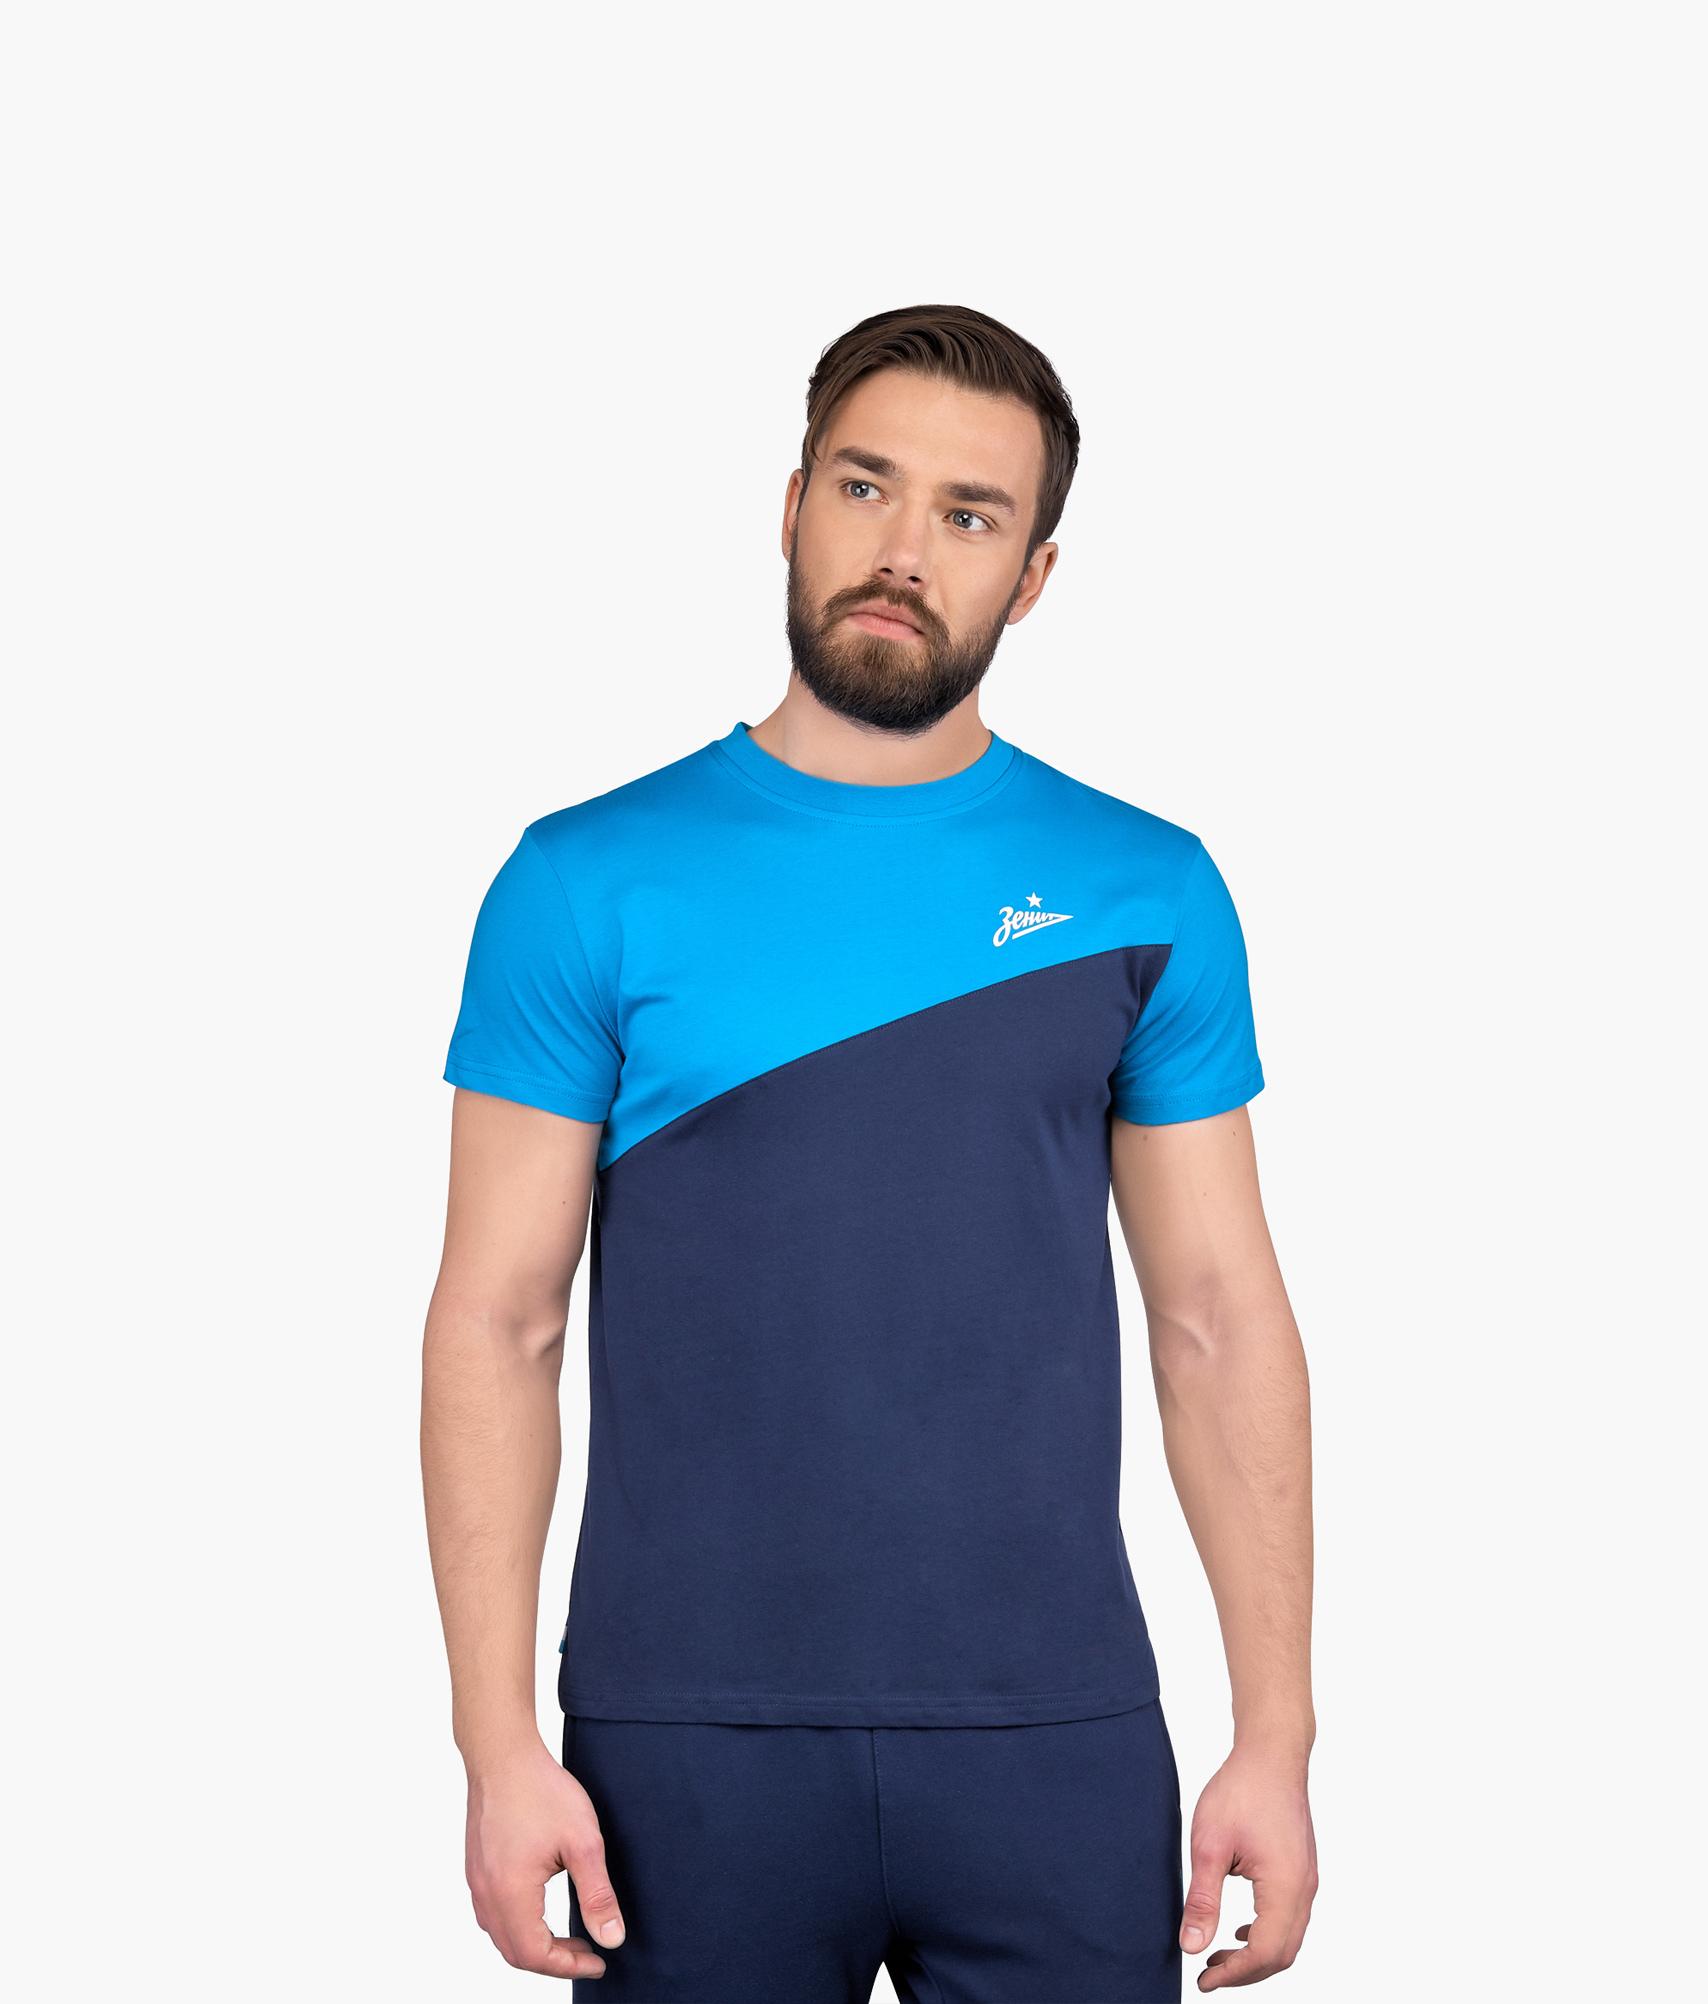 Футболка мужская Диагональ Зенит Цвет-Синий-Лазурный футболка мужская columbia f цвет синий 1839971 403 размер xxl 56 58